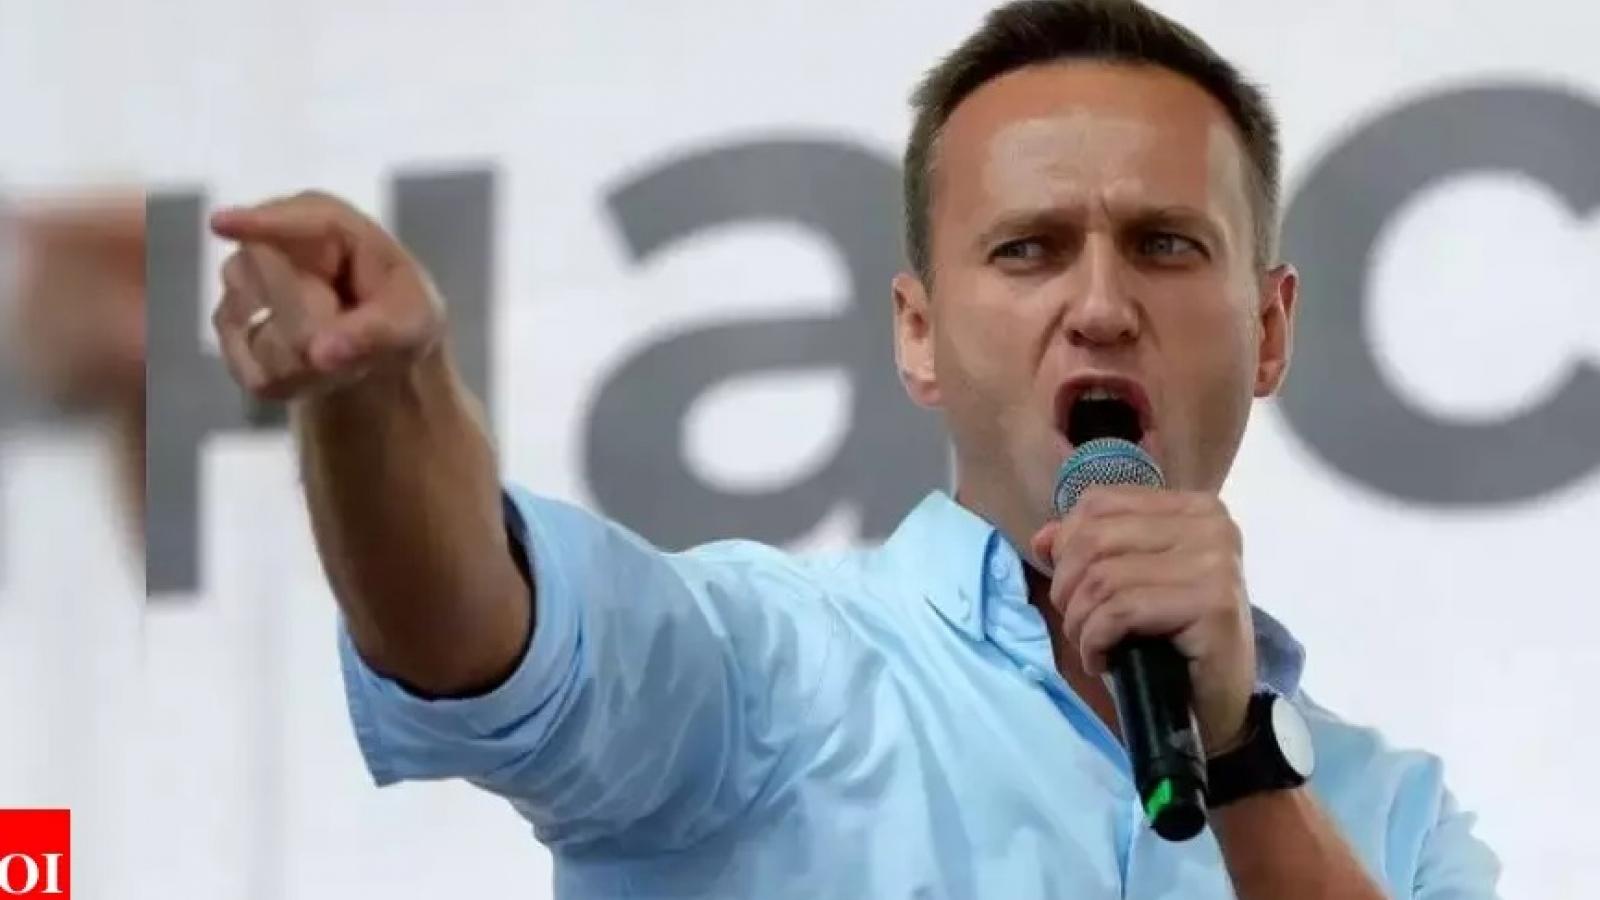 Ngoại trưởng các nước G7 hối thúc Nga điều tra vụ đầu độc Navalny